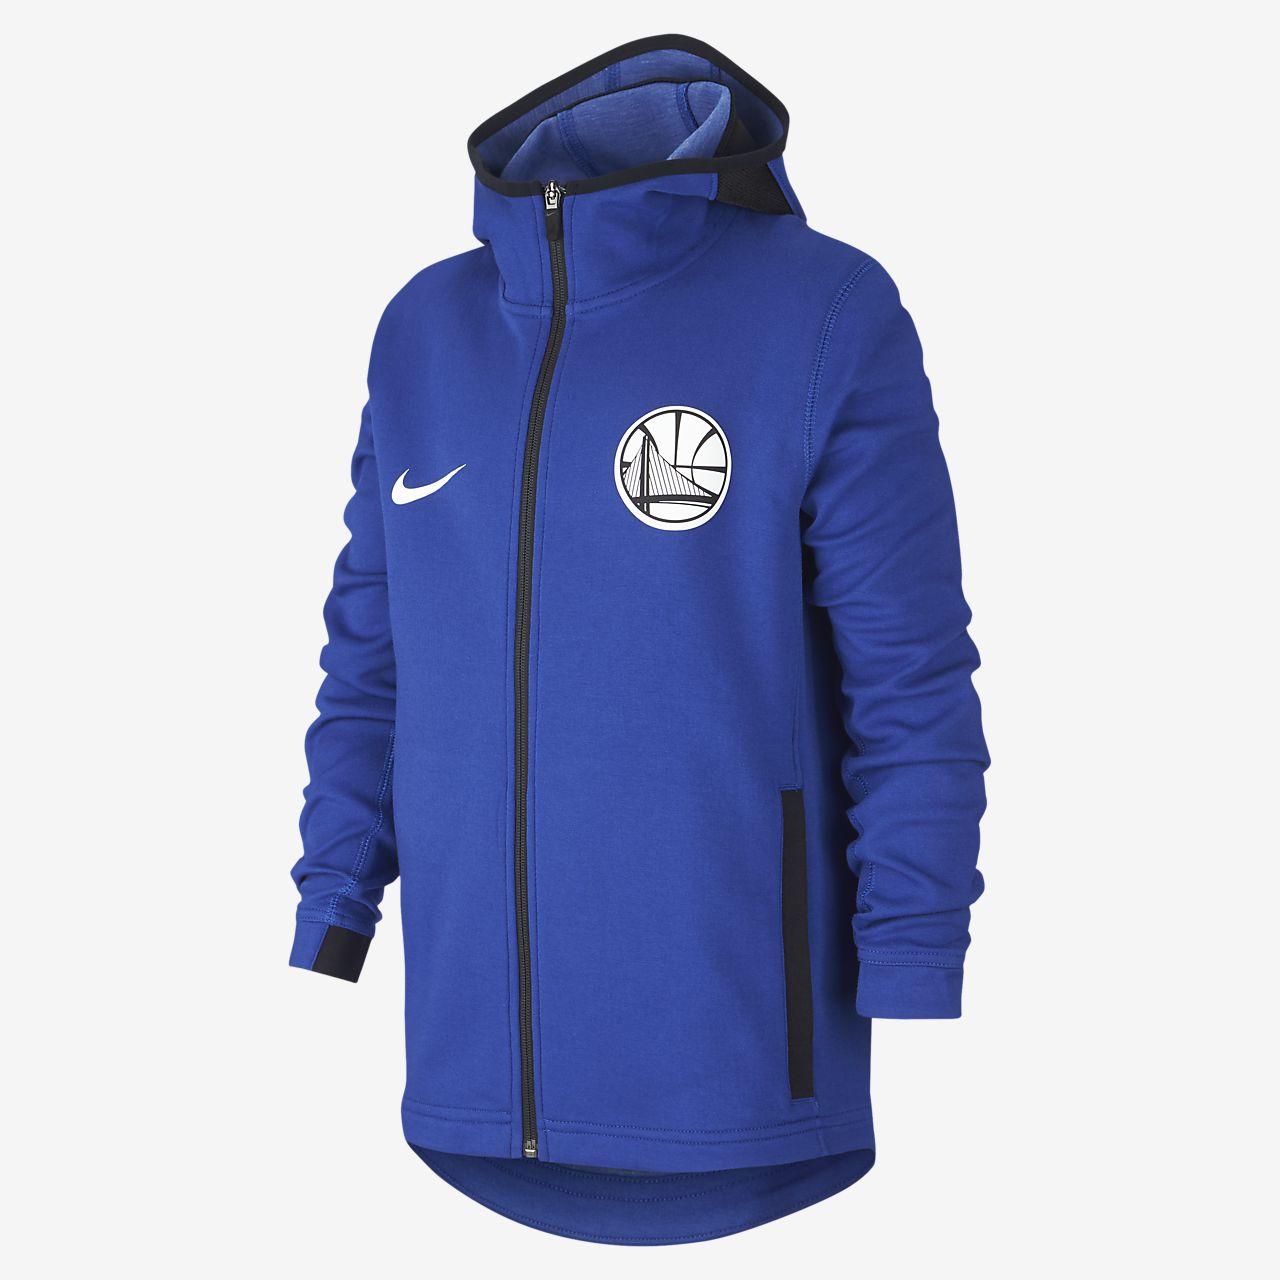 Golden State Warriors Nike Dri-FIT Showtime NBA-Hoodie mit durchgehendem Reißverschluss für ältere Kinder (Jungen)